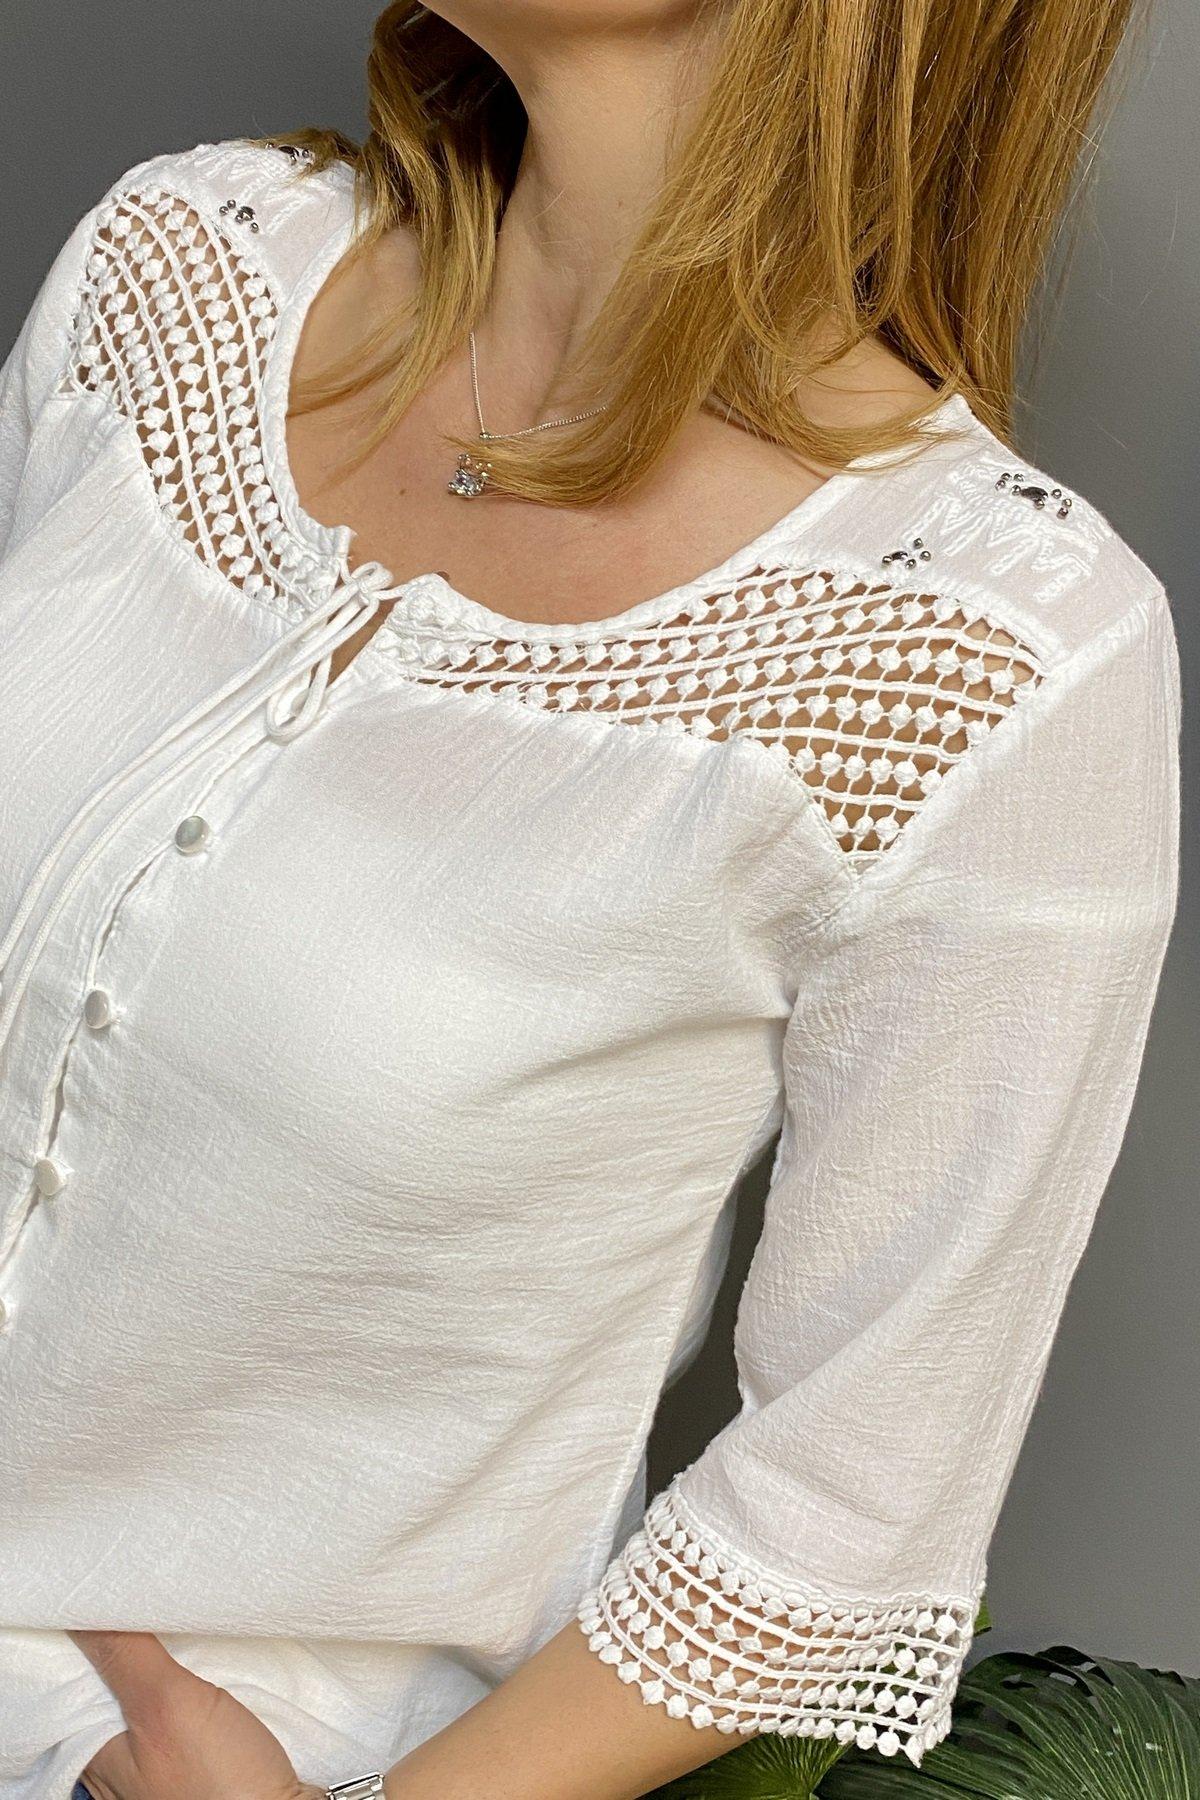 Göğüs Üstü Ve Kol Ucu Dantelli Yakası İpli Düğmeli Gömlek